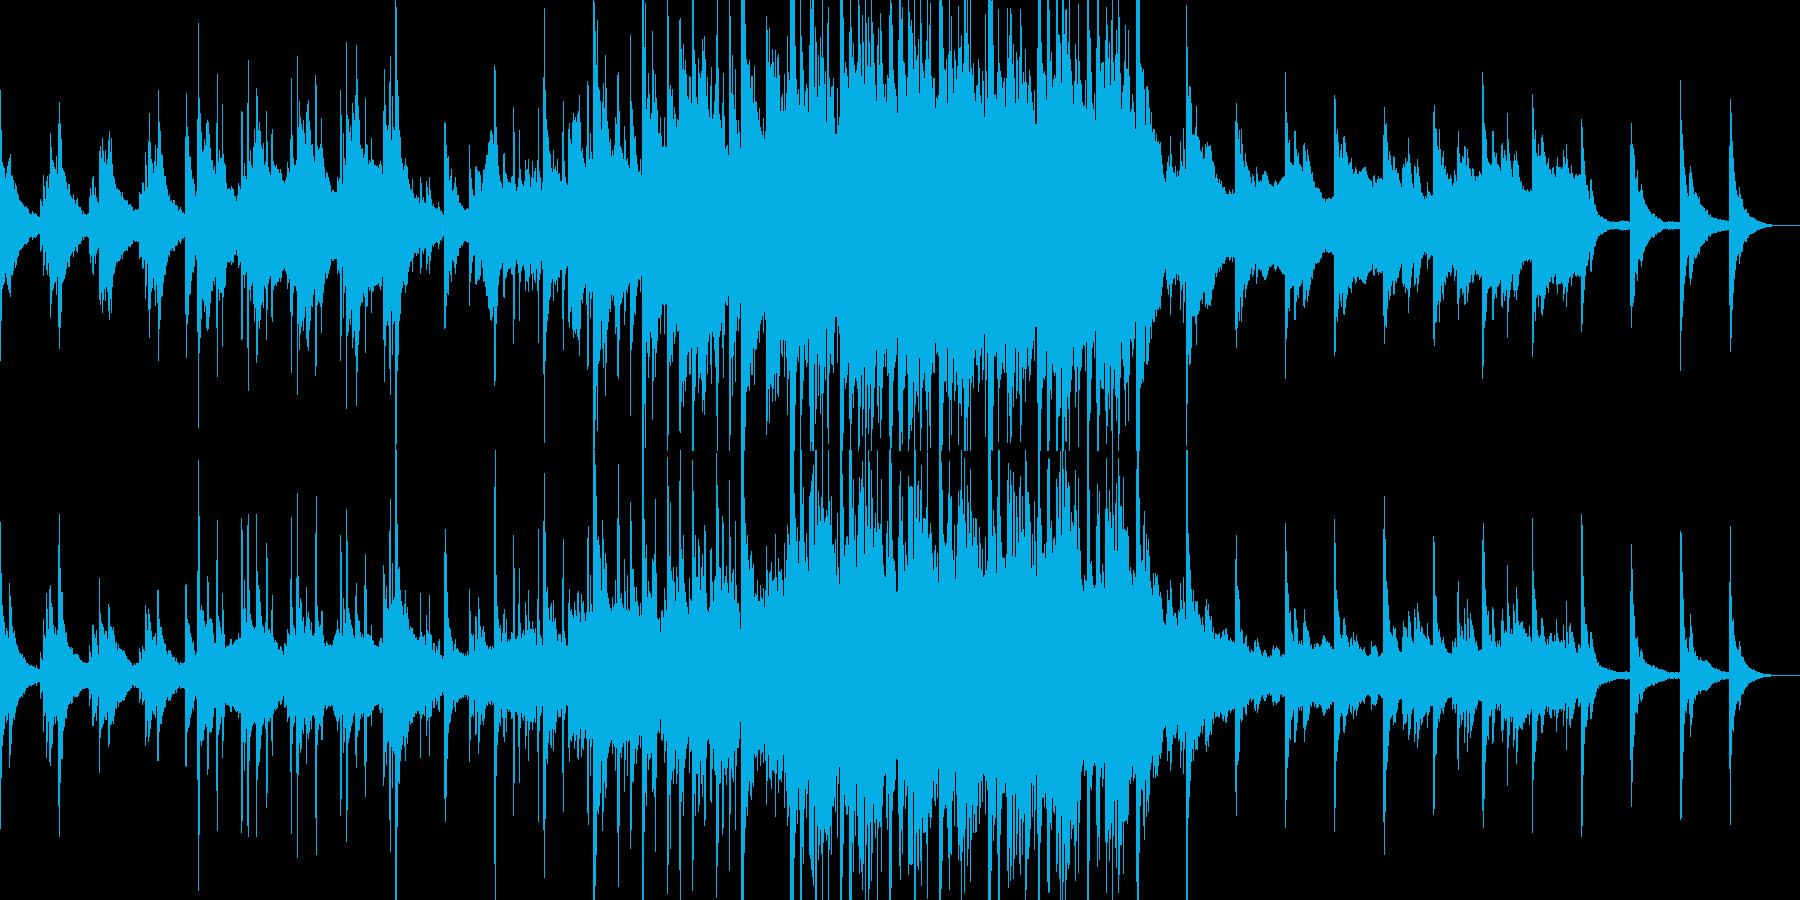 ドラマティックなピアノが主体の曲の再生済みの波形